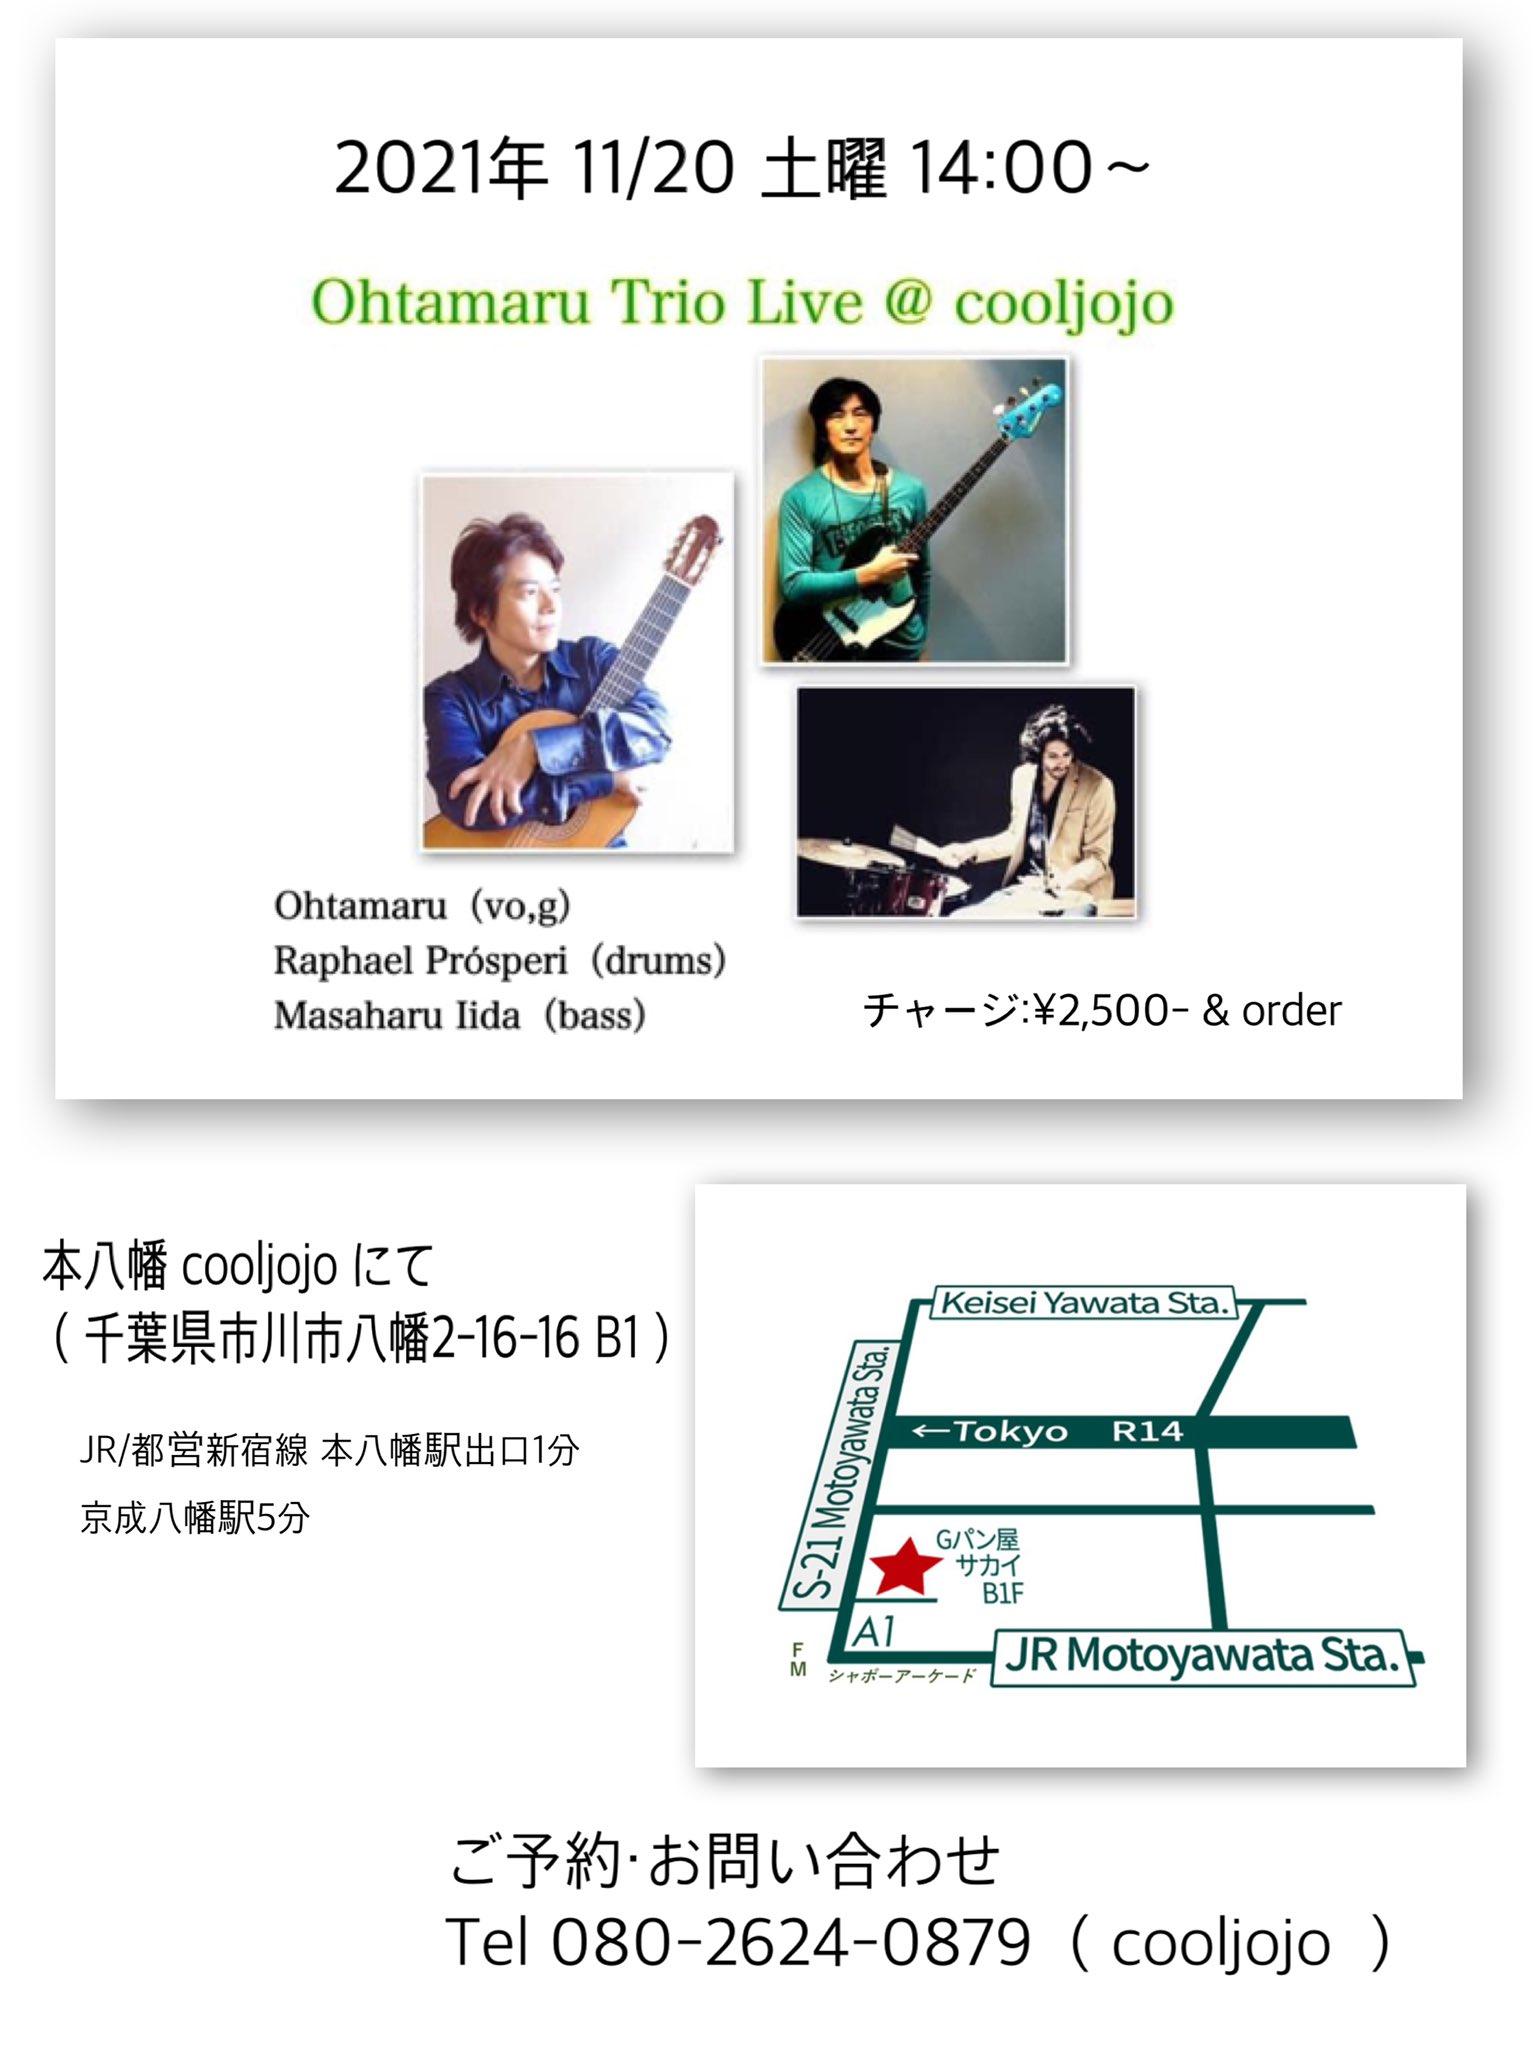 オオタマル(太田直孝講師/秋葉原教室担当)出演!「Ohtamaru Trio Live」2021年11月20日(土) 2021年11月20日(土)